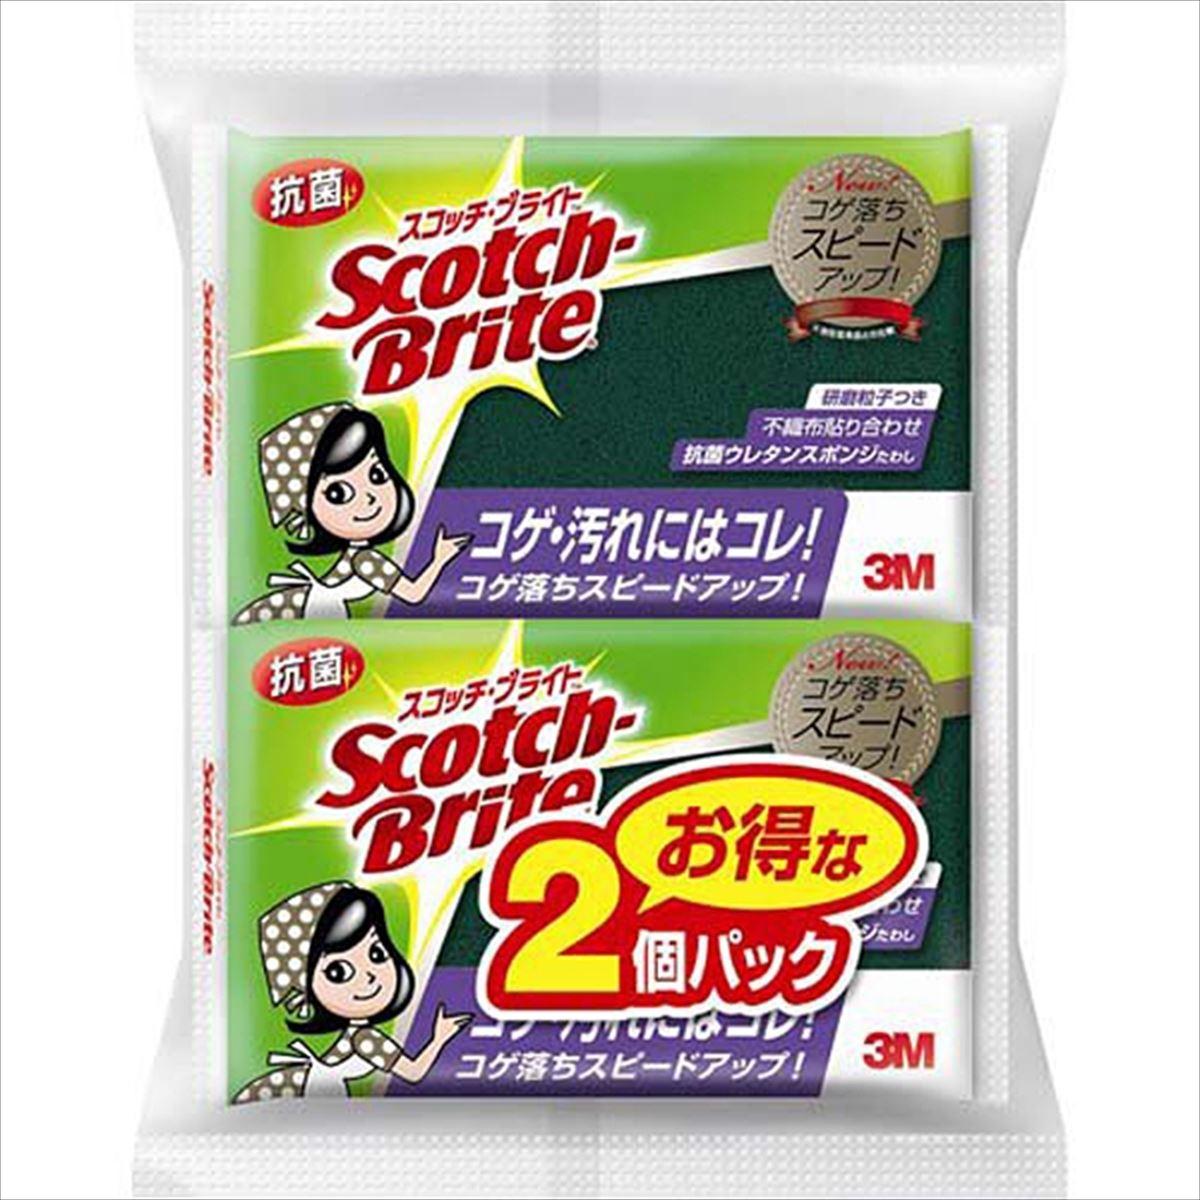 3M(スリーエム) スコッチブライト 抗菌ウレタンスポンジたわしS 2個 [S-21KS 2PM]